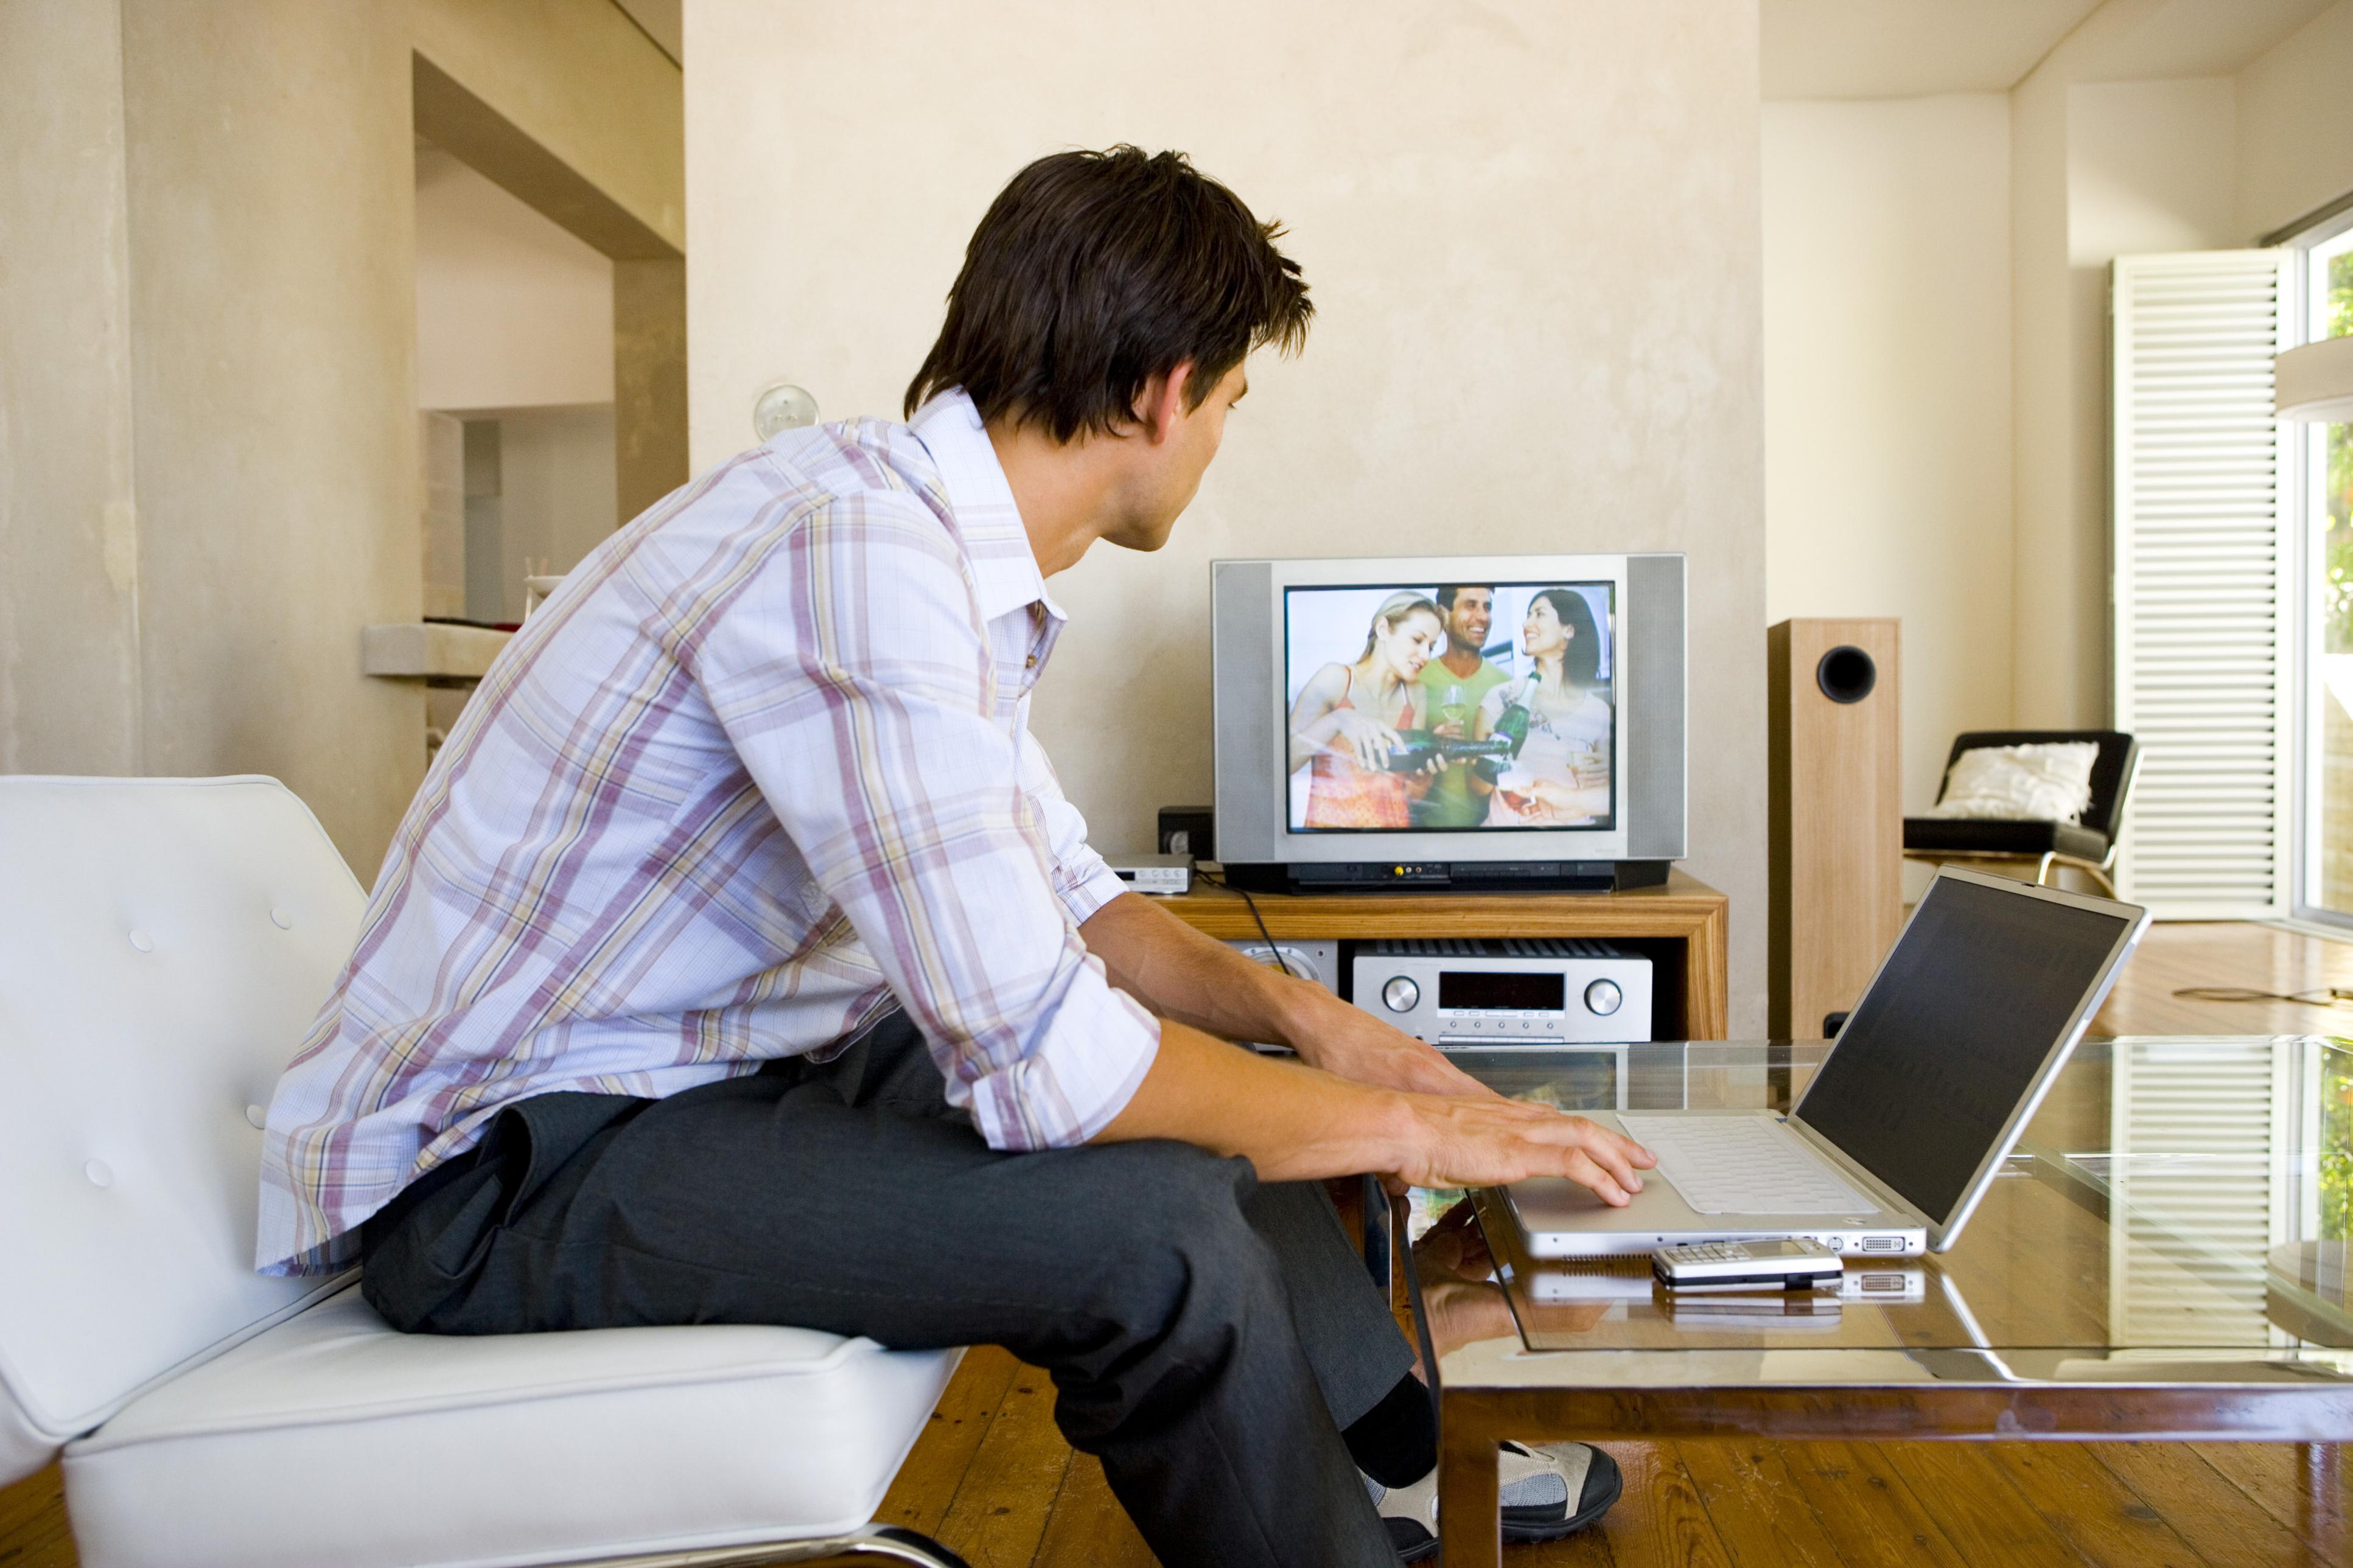 زیادہ وقت ٹی وی دیکھنا دماغ کو سست کرنے کا باعث